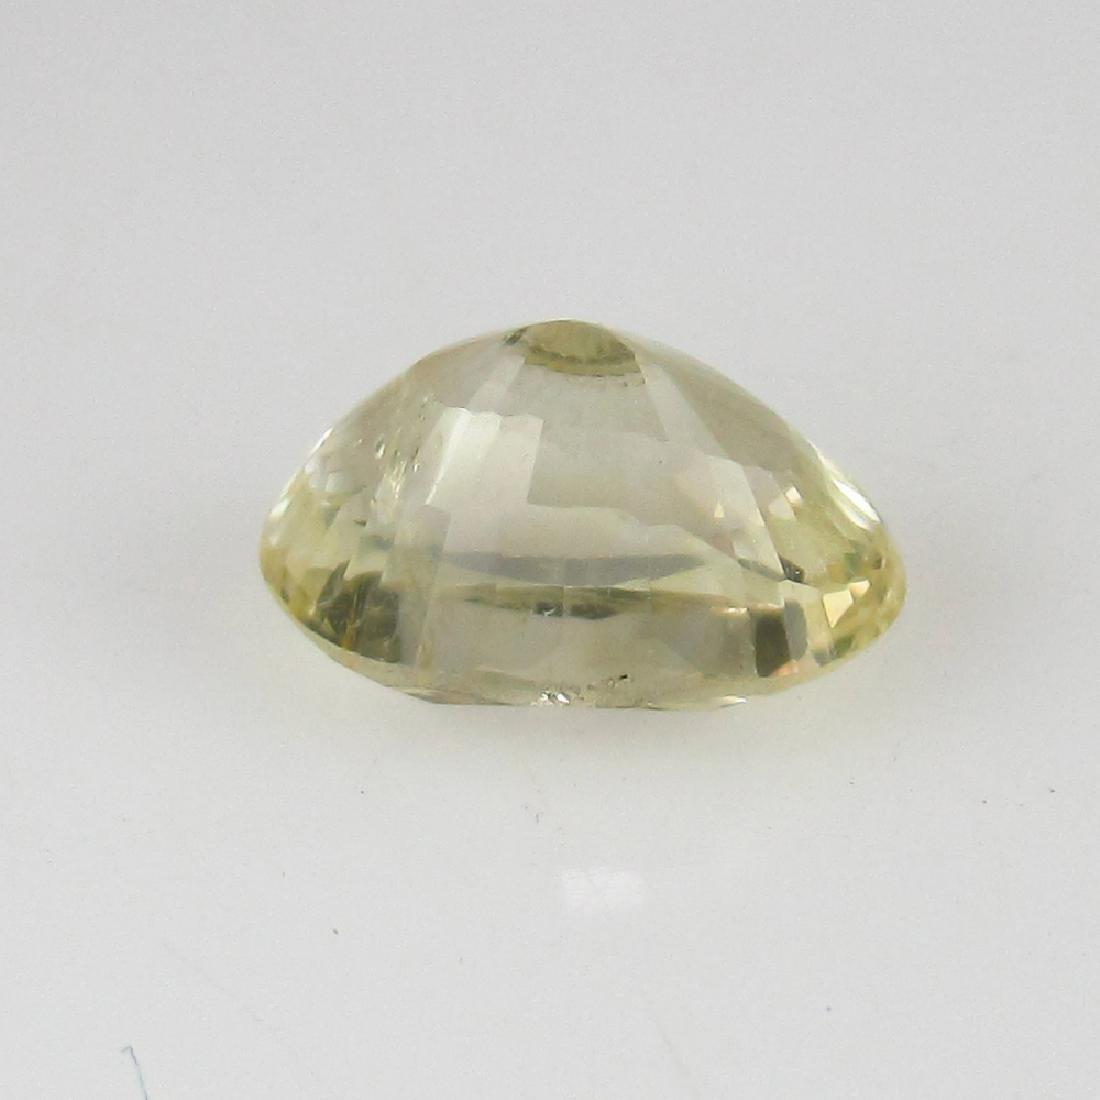 1.28 Ct Genuine IGI Certified Sri Lanka Yellow Sapphire - 5